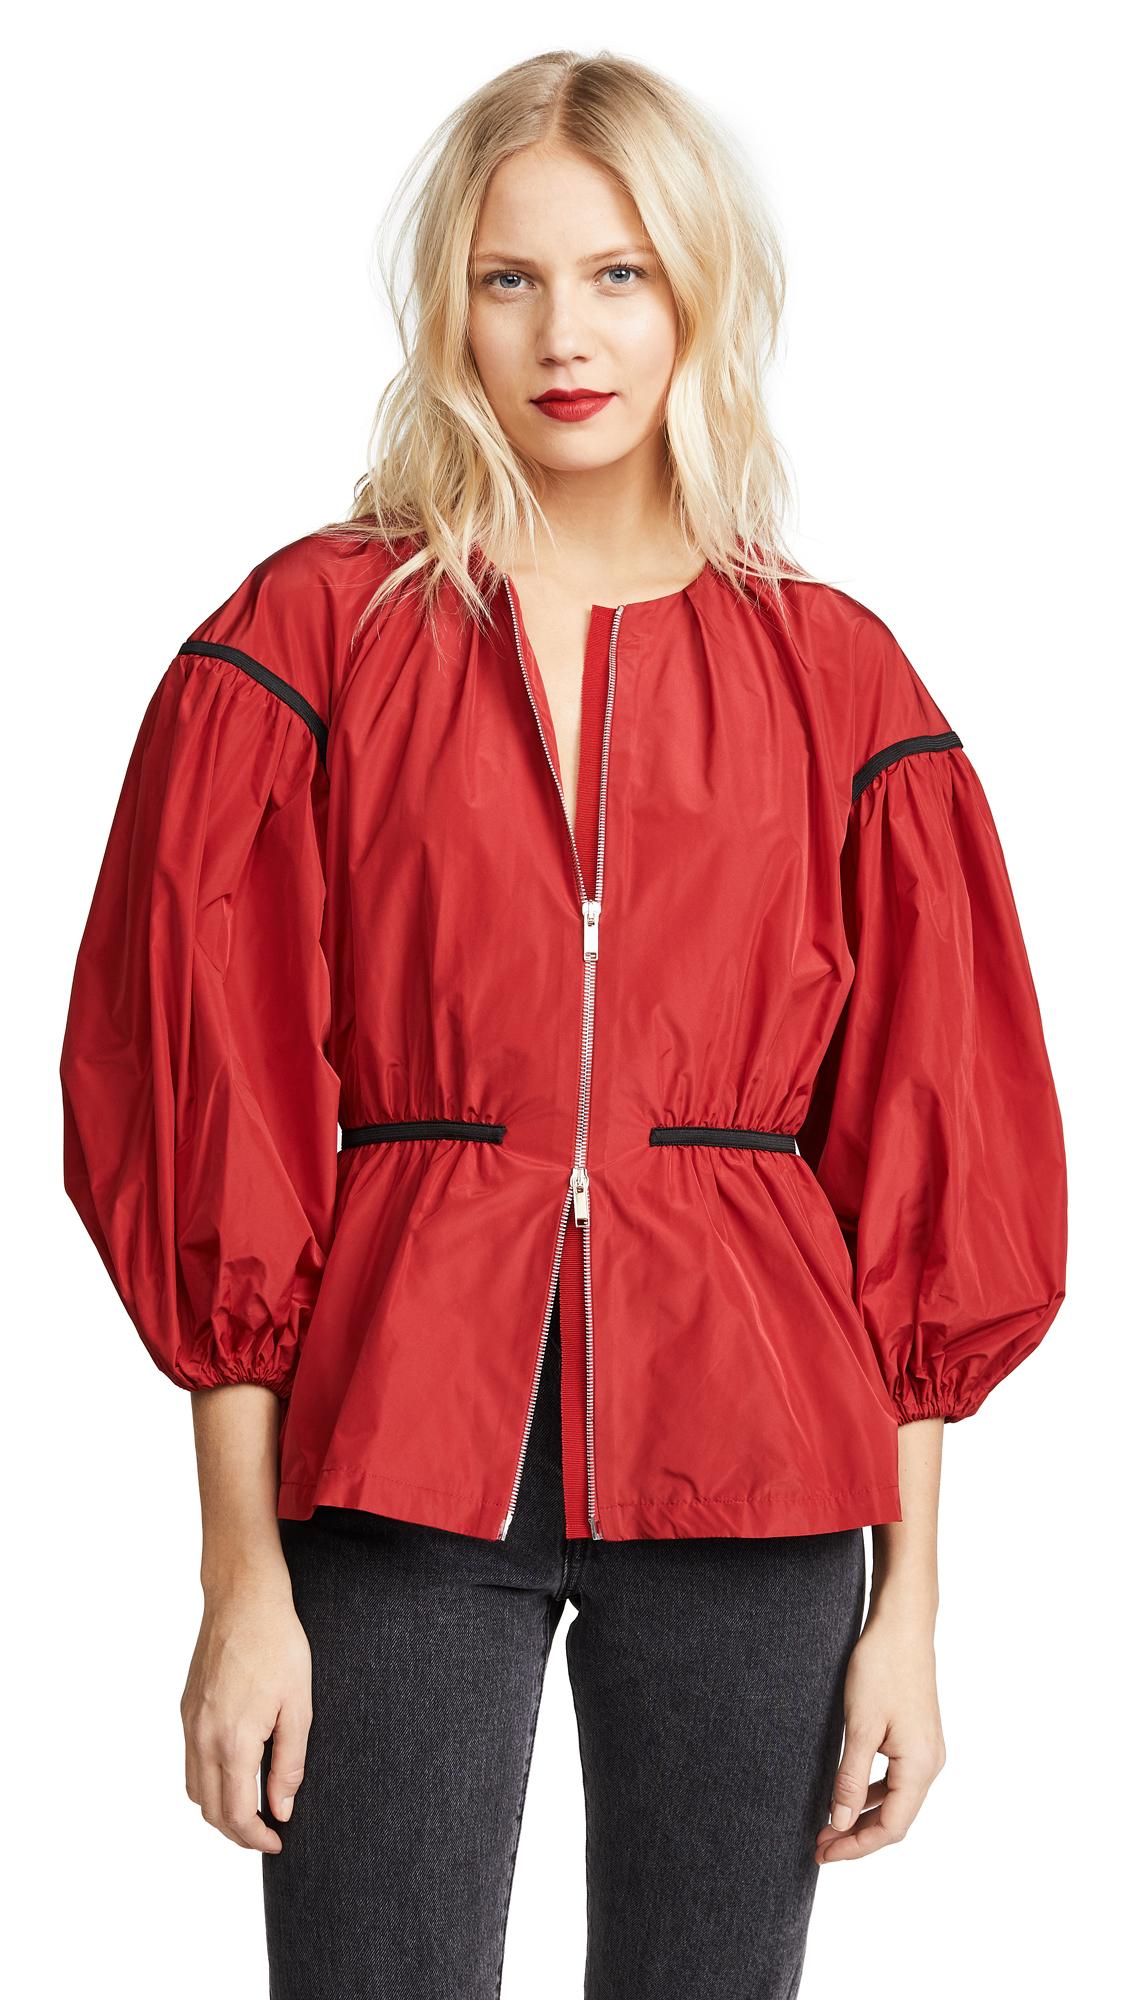 Giambattista Valli Puff Sleeve Zip Jacket - Rosso